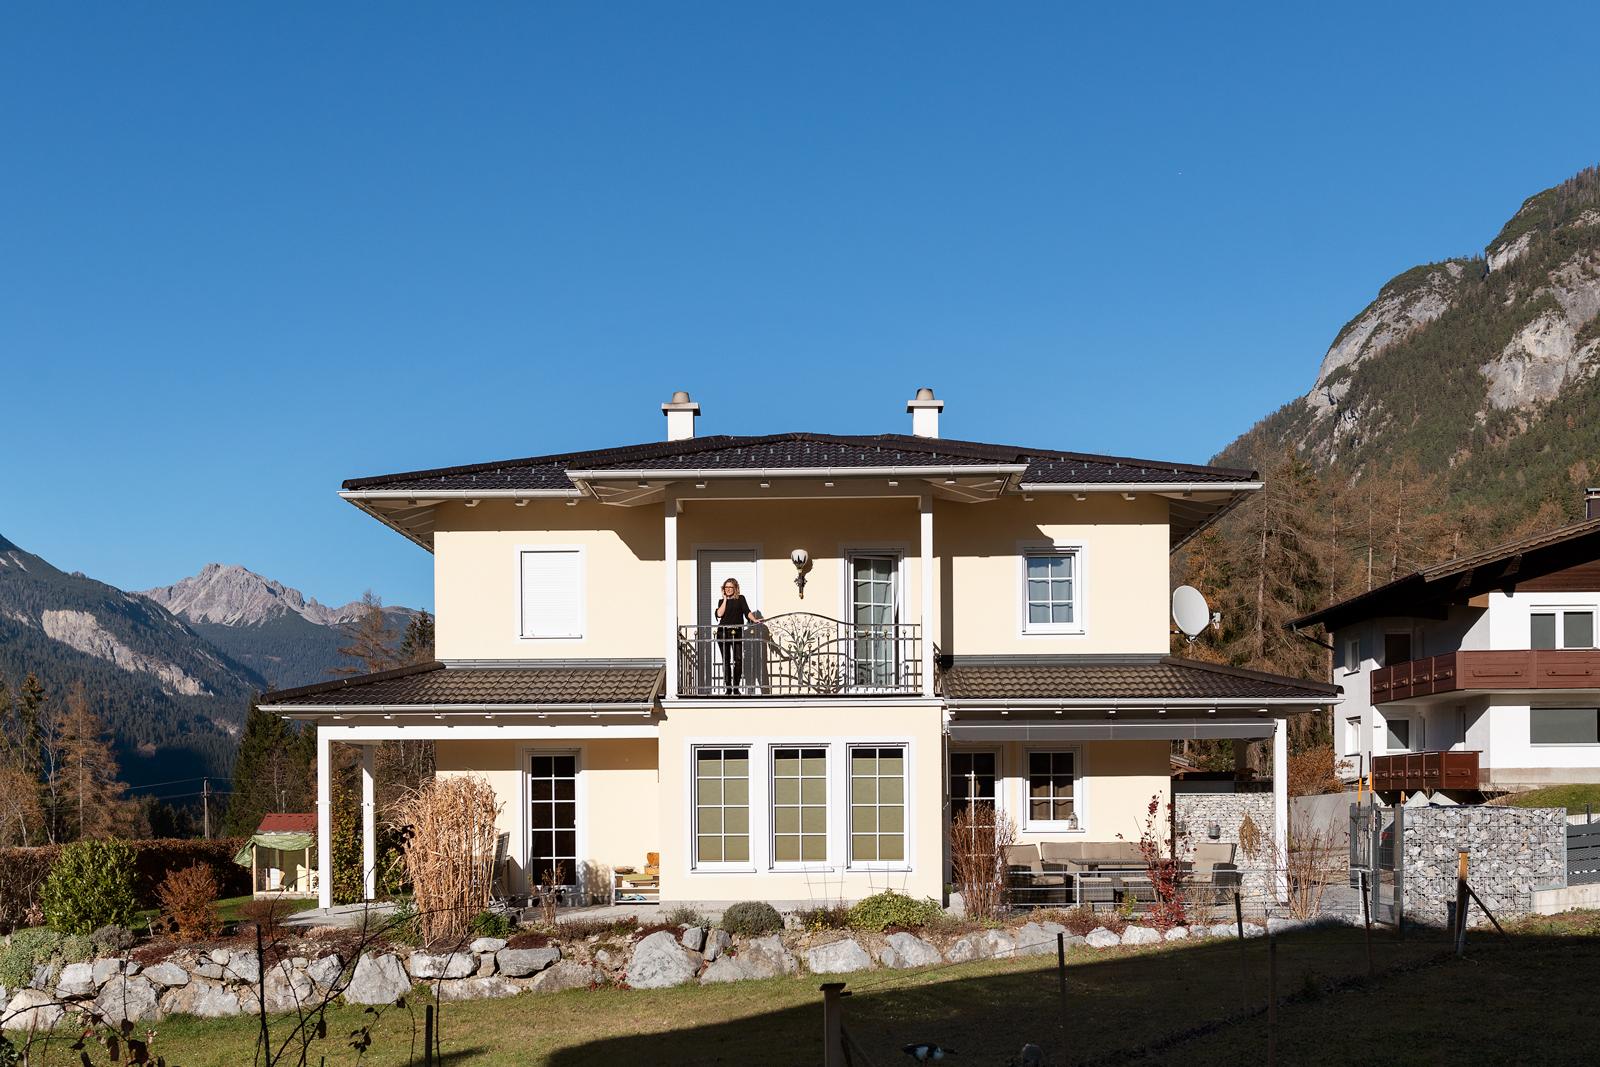 Umgeben von Natur: Das Haus der Perls liegt in Elmen im Lechtal.